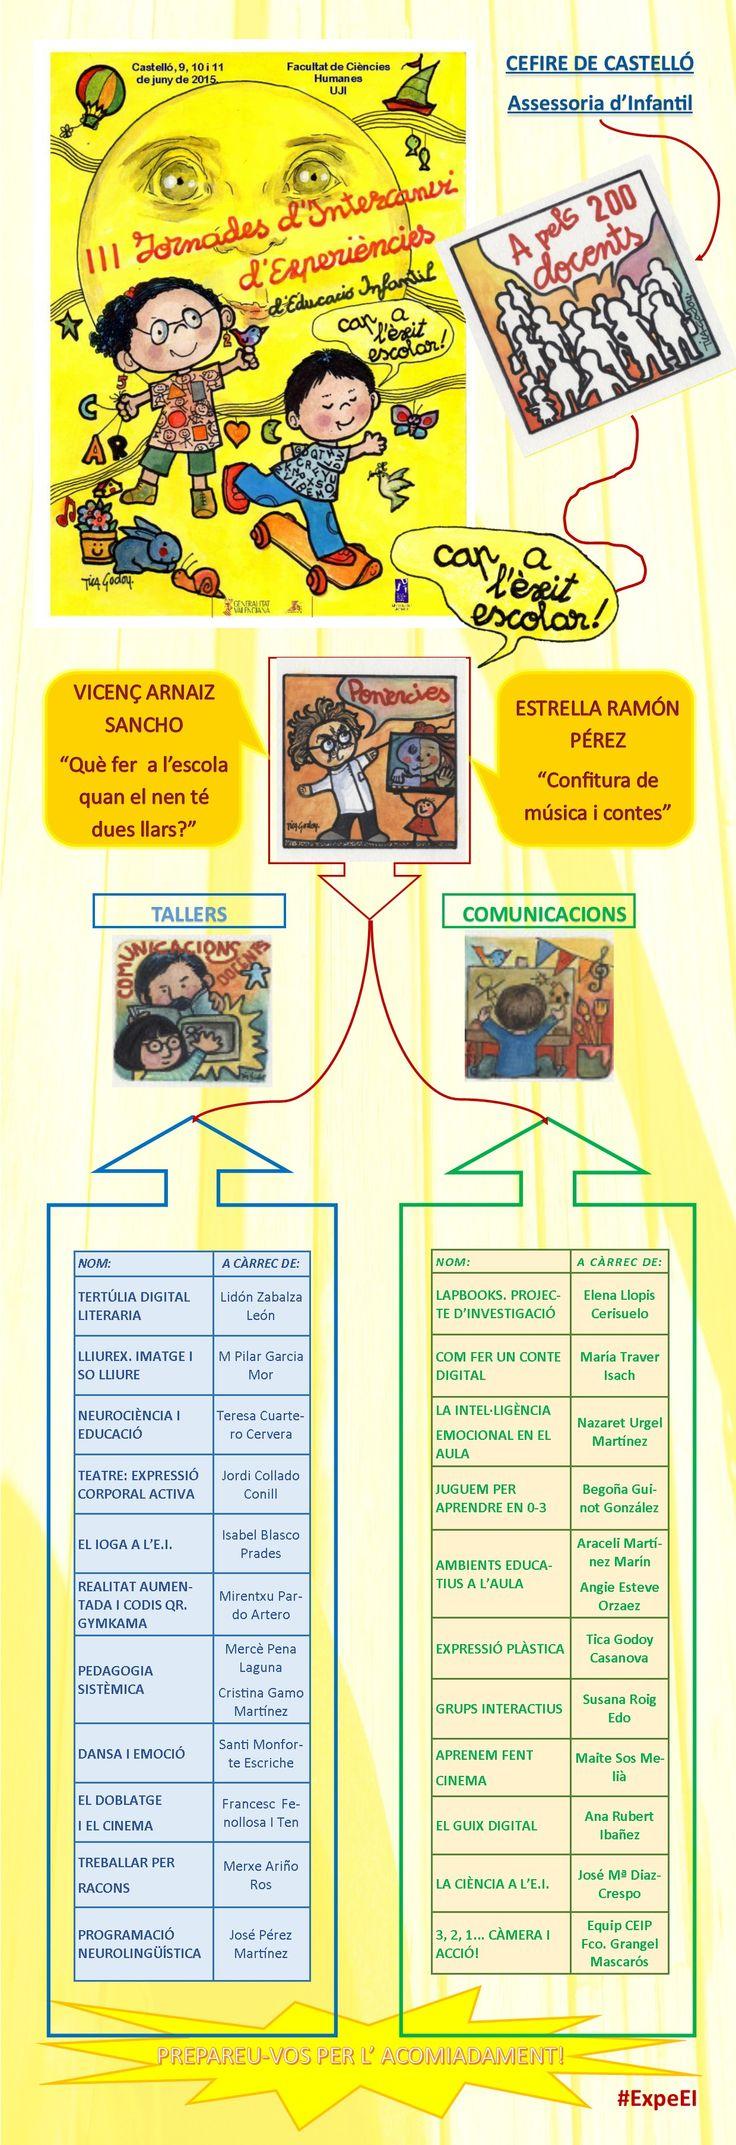 """Infografia amb informació de les """"III Jornades d'Intercanvi d'experiències d'Educació Infantil"""" que es celebraran a Castelló a juny de 2015. #ExpeEI"""